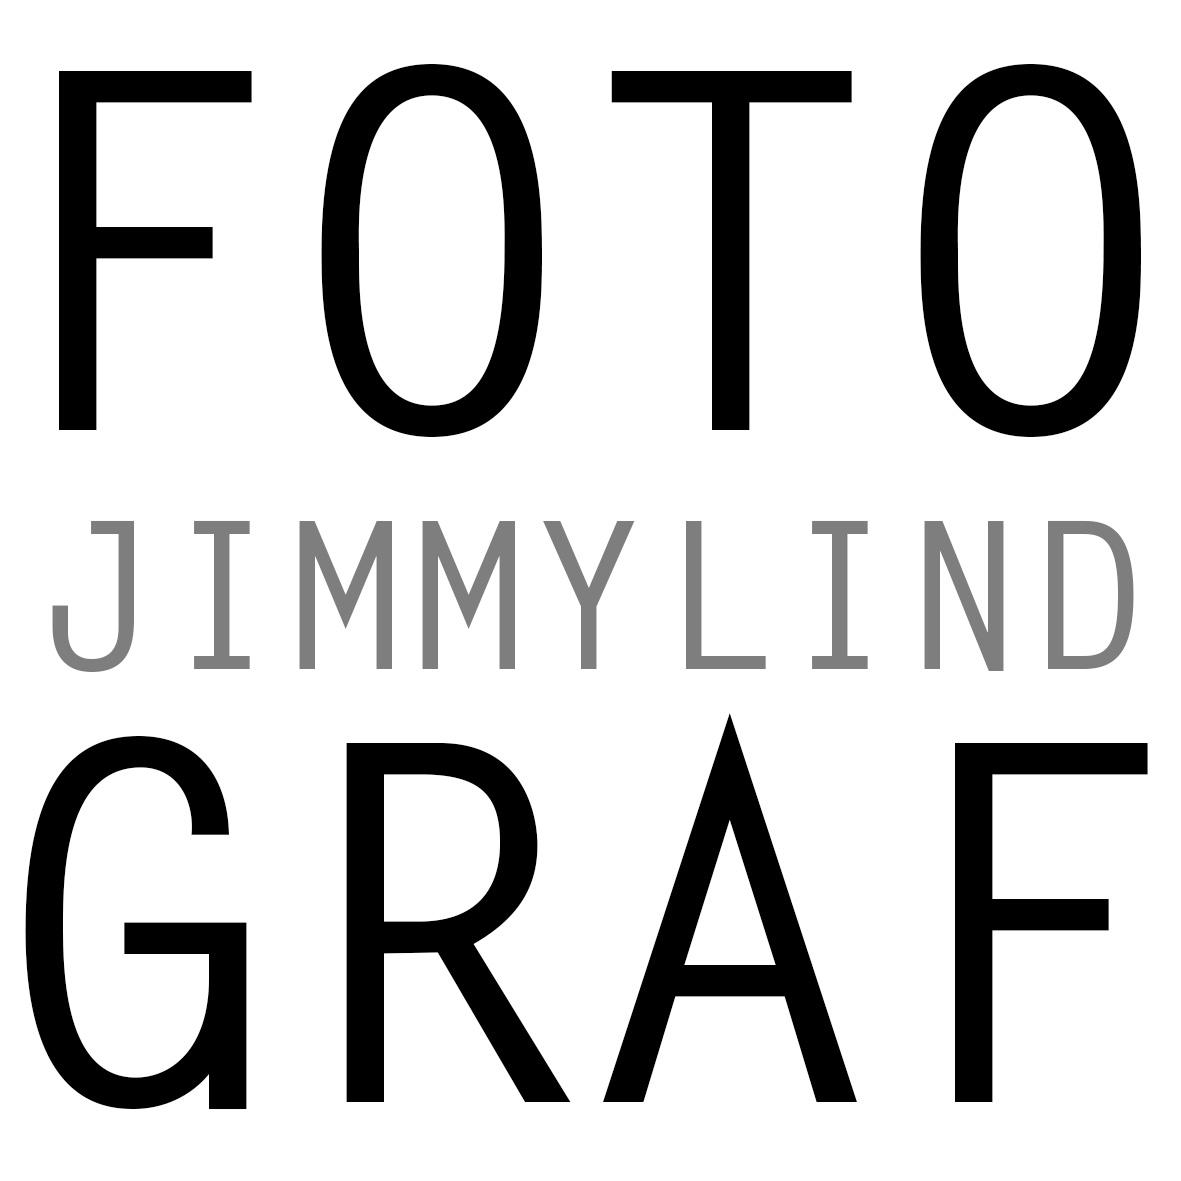 Fotograf Jimmy Lind